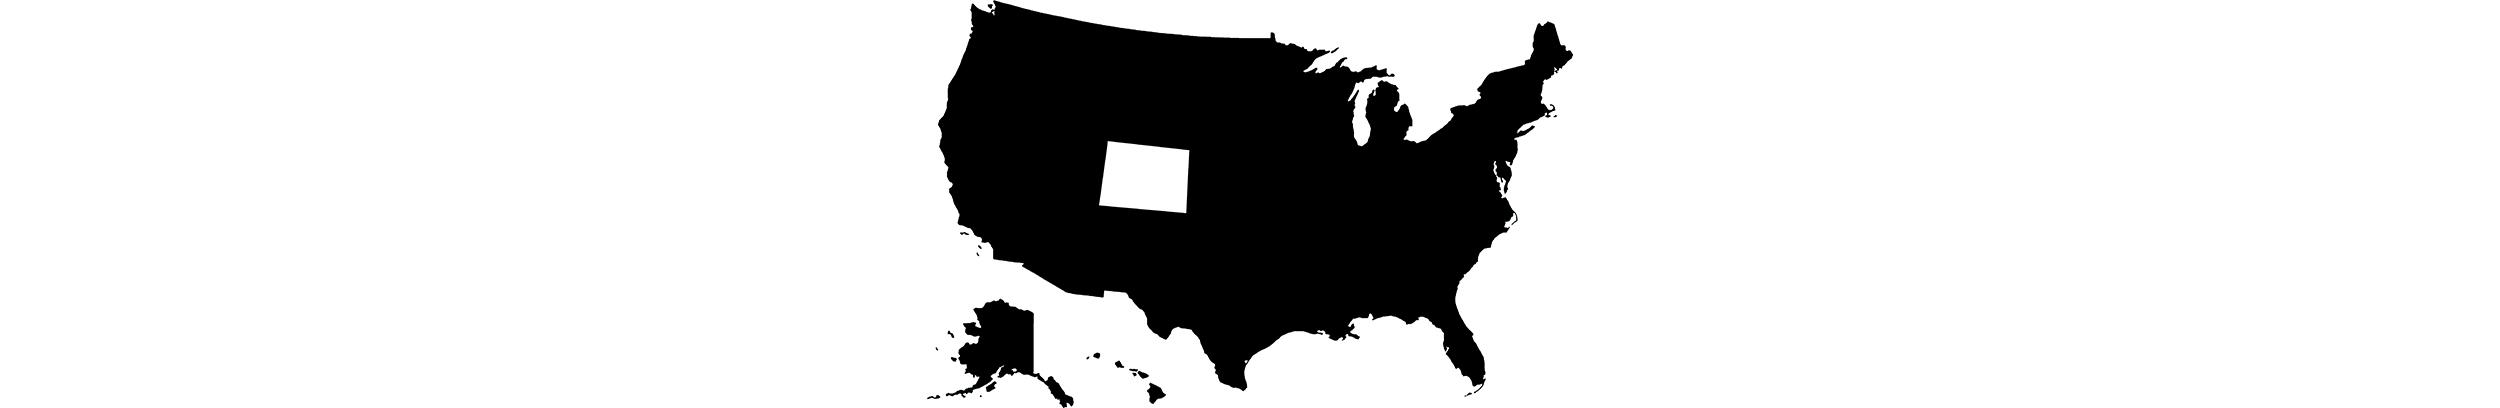 US-CO-WHT-MAP-BLK-2500x408px copy.jpg